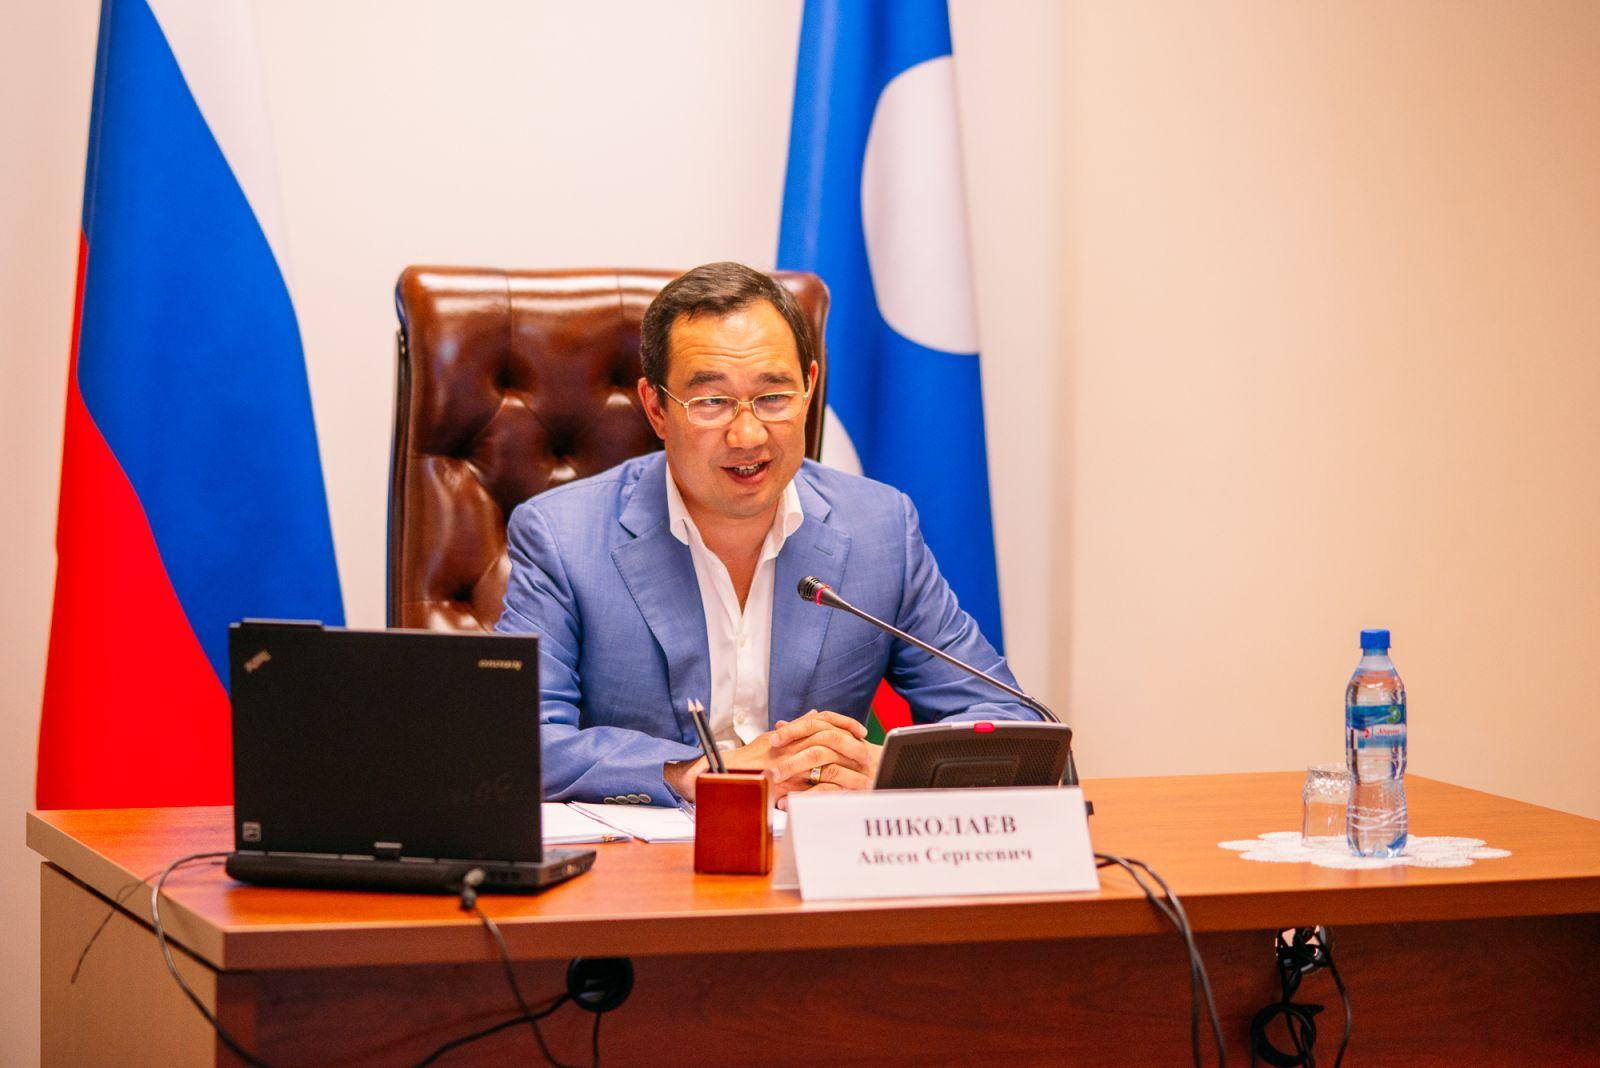 И.о. главы Якутии Айсен Николаев пересмотрел состав Алмазного совета